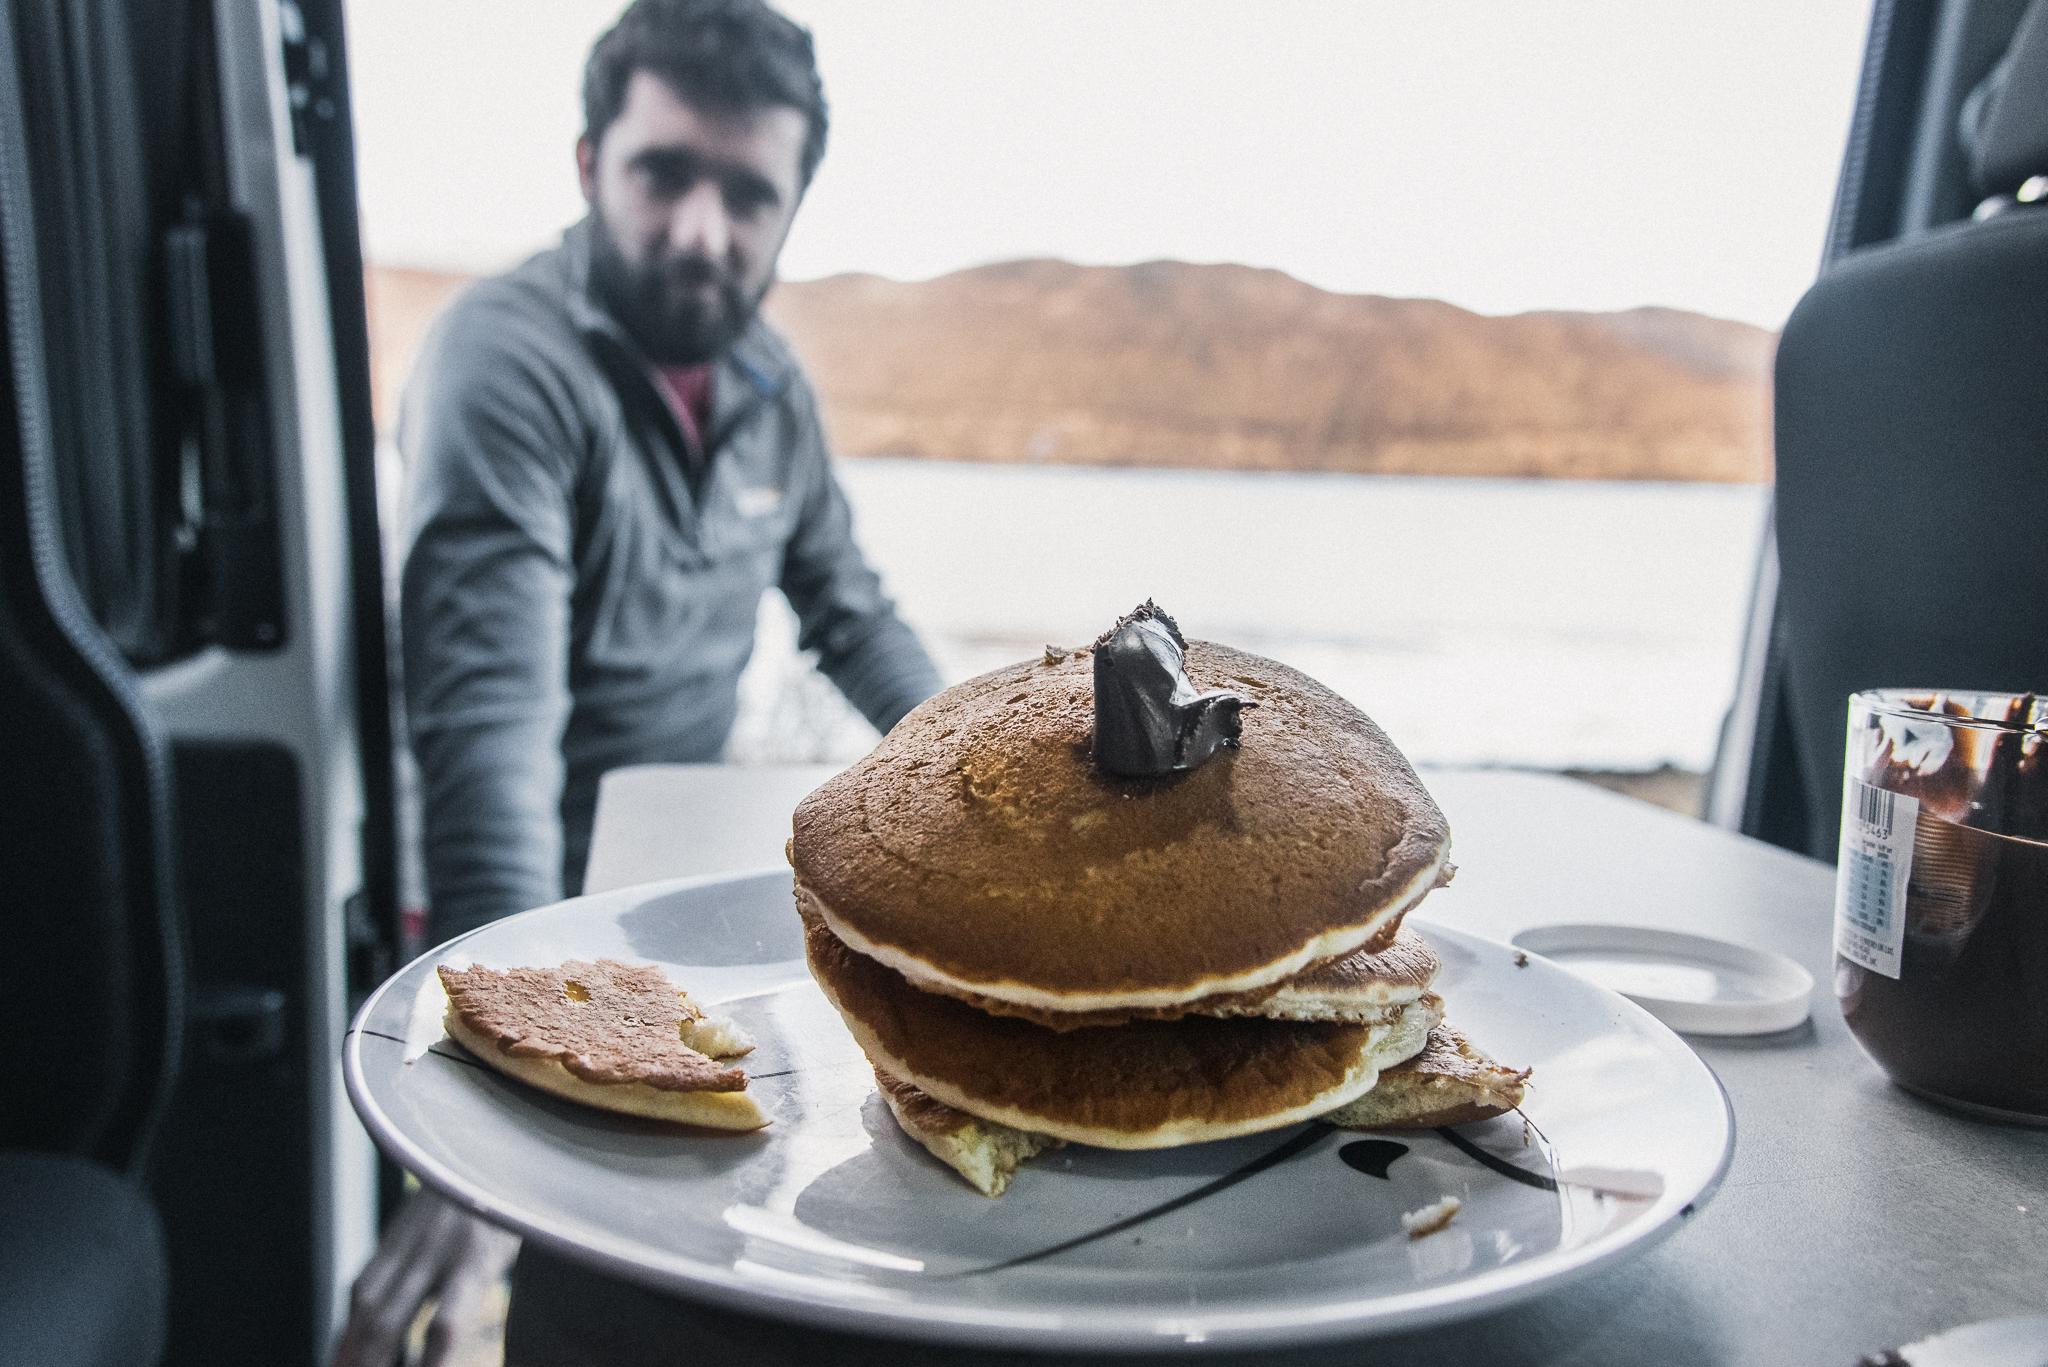 pancake tuesday, pancake day, pancakes, tinyboots